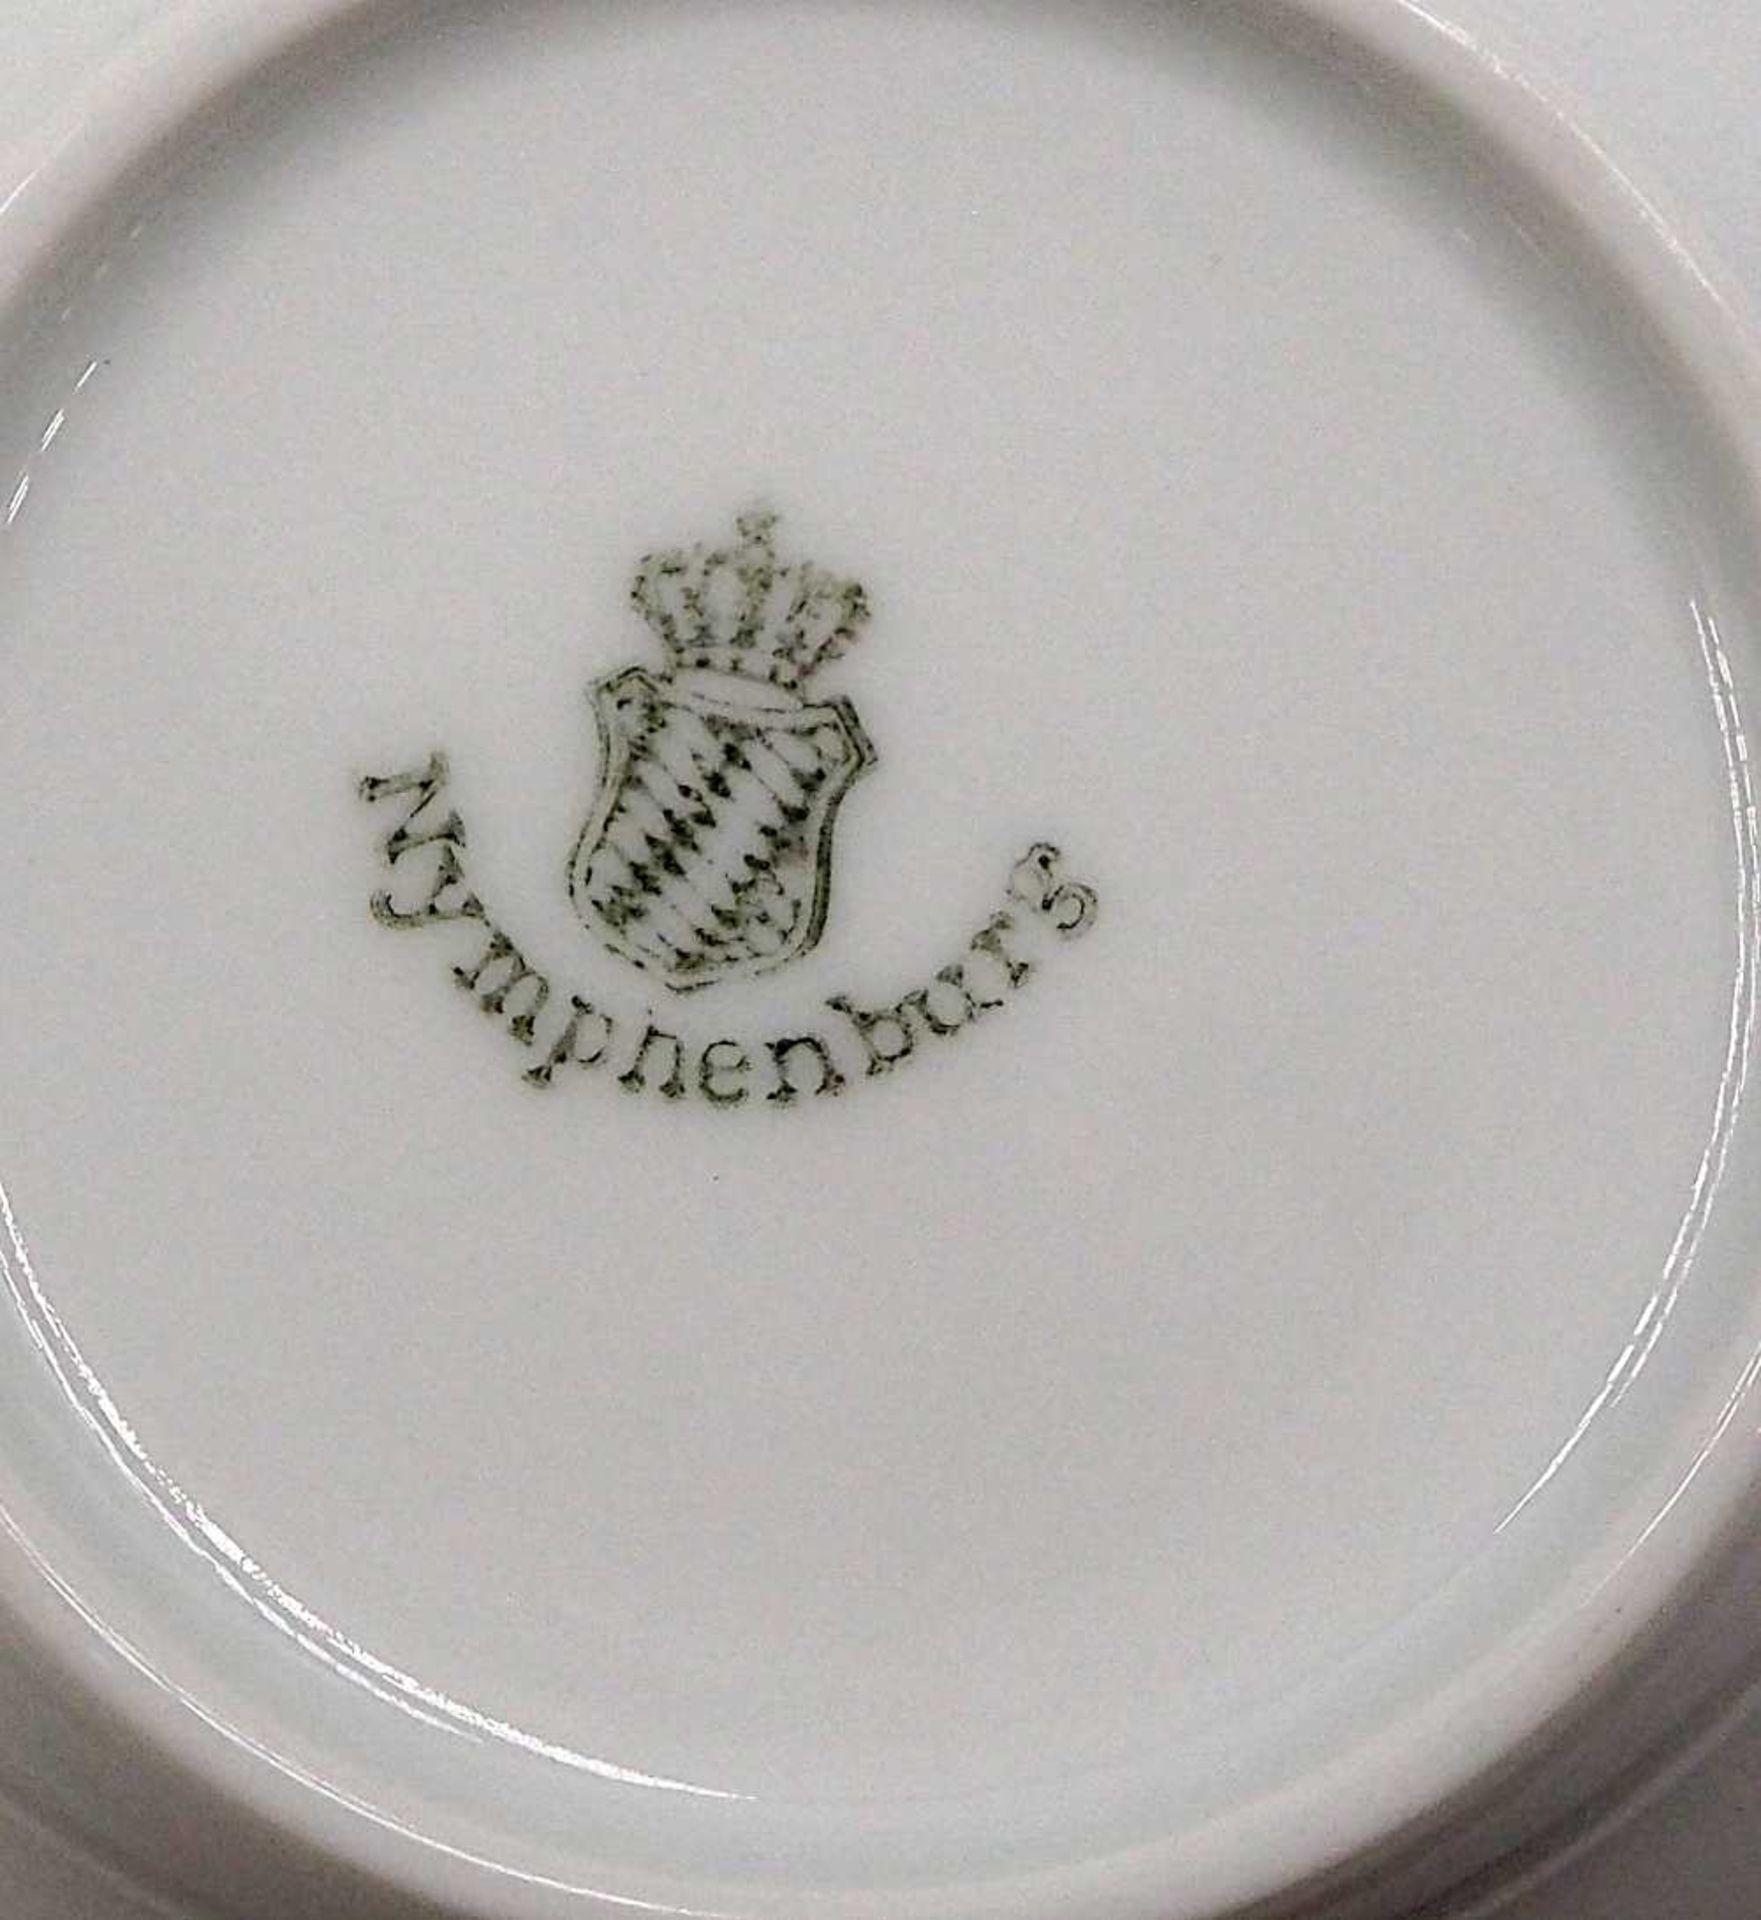 1 Kaffeeservice Porzellan NYMPHENBURG Unterglasurmarke, weiß mit violettem Blumendeko - Bild 2 aus 3